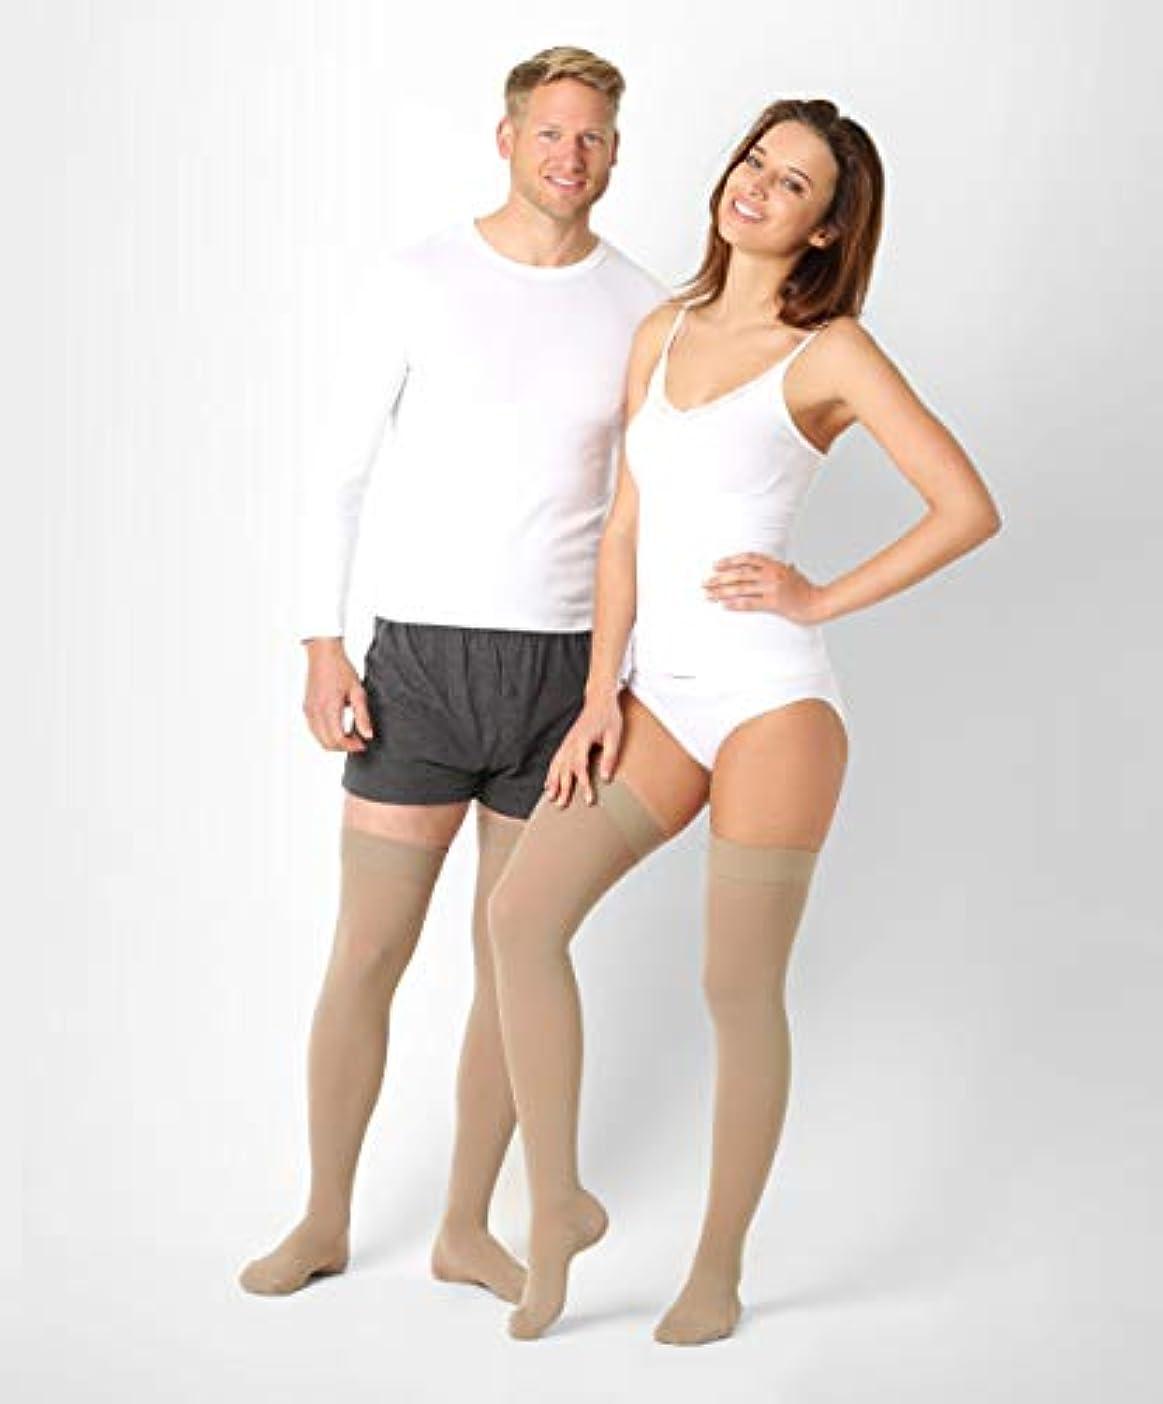 発行ペストリー偏見BeFit24 医療用着圧ストッキング クラス 1 (18-21 mmHg) 男性?女性用 ーあらゆるラ イフスタイルのニーズに対応ー ヨーロッパ製 X-Large Beige